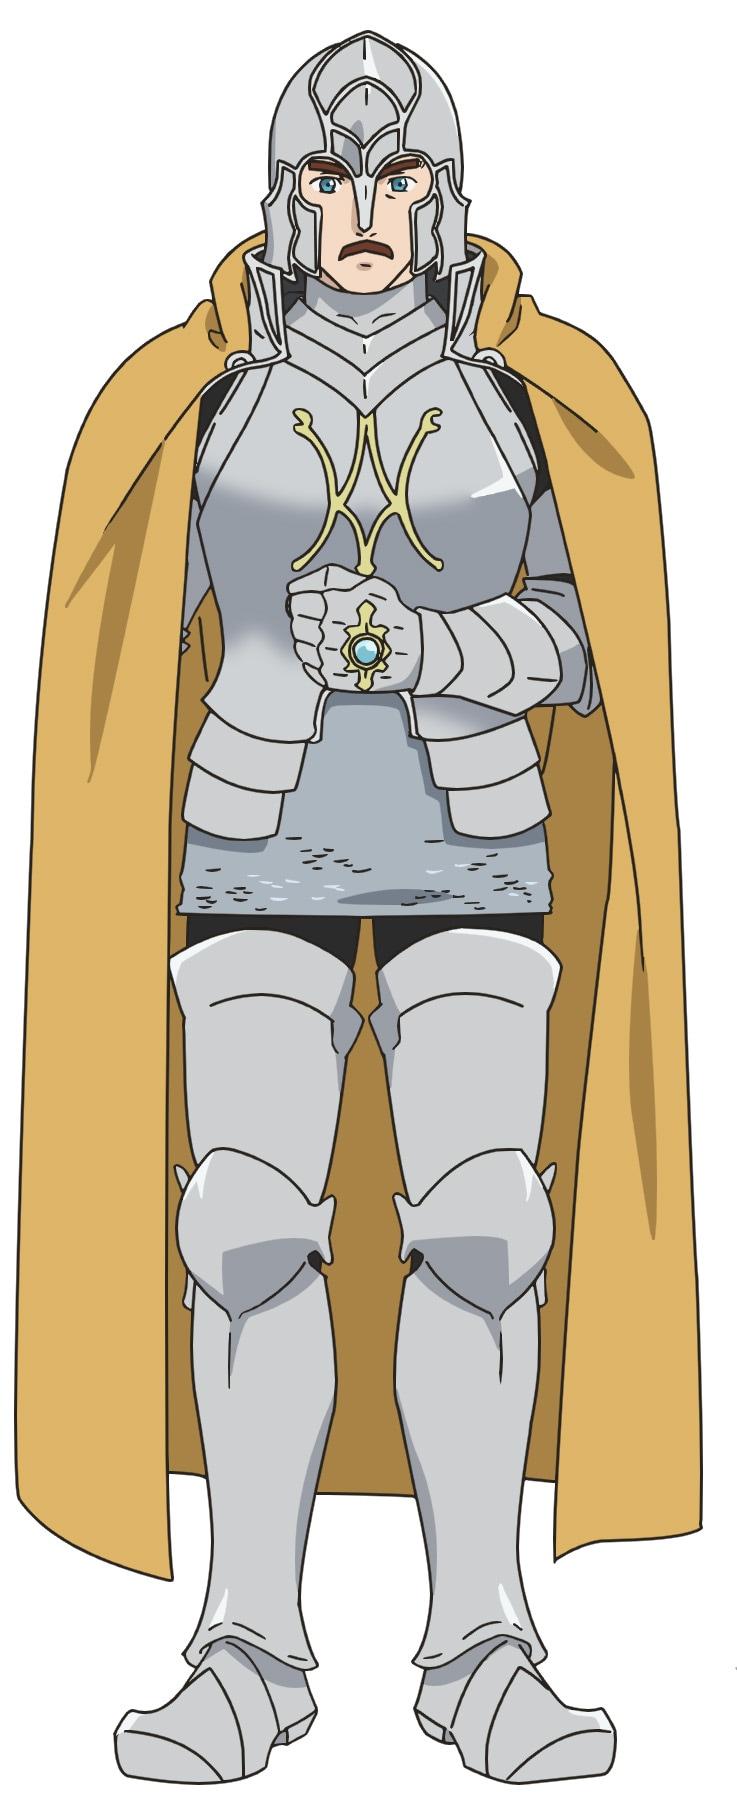 カルステッド(CV:森川智之)。エーレンフェストの騎士団長で領主の護衛騎士。領主一族の父を持つ上級貴族で、領主の従兄に当たる。トロンベ討伐で初めてマインと出会う。代々、脳筋の家系で筋肉がむきっとしたボディビルダー体型。顔に似合わず、笑い上戸。